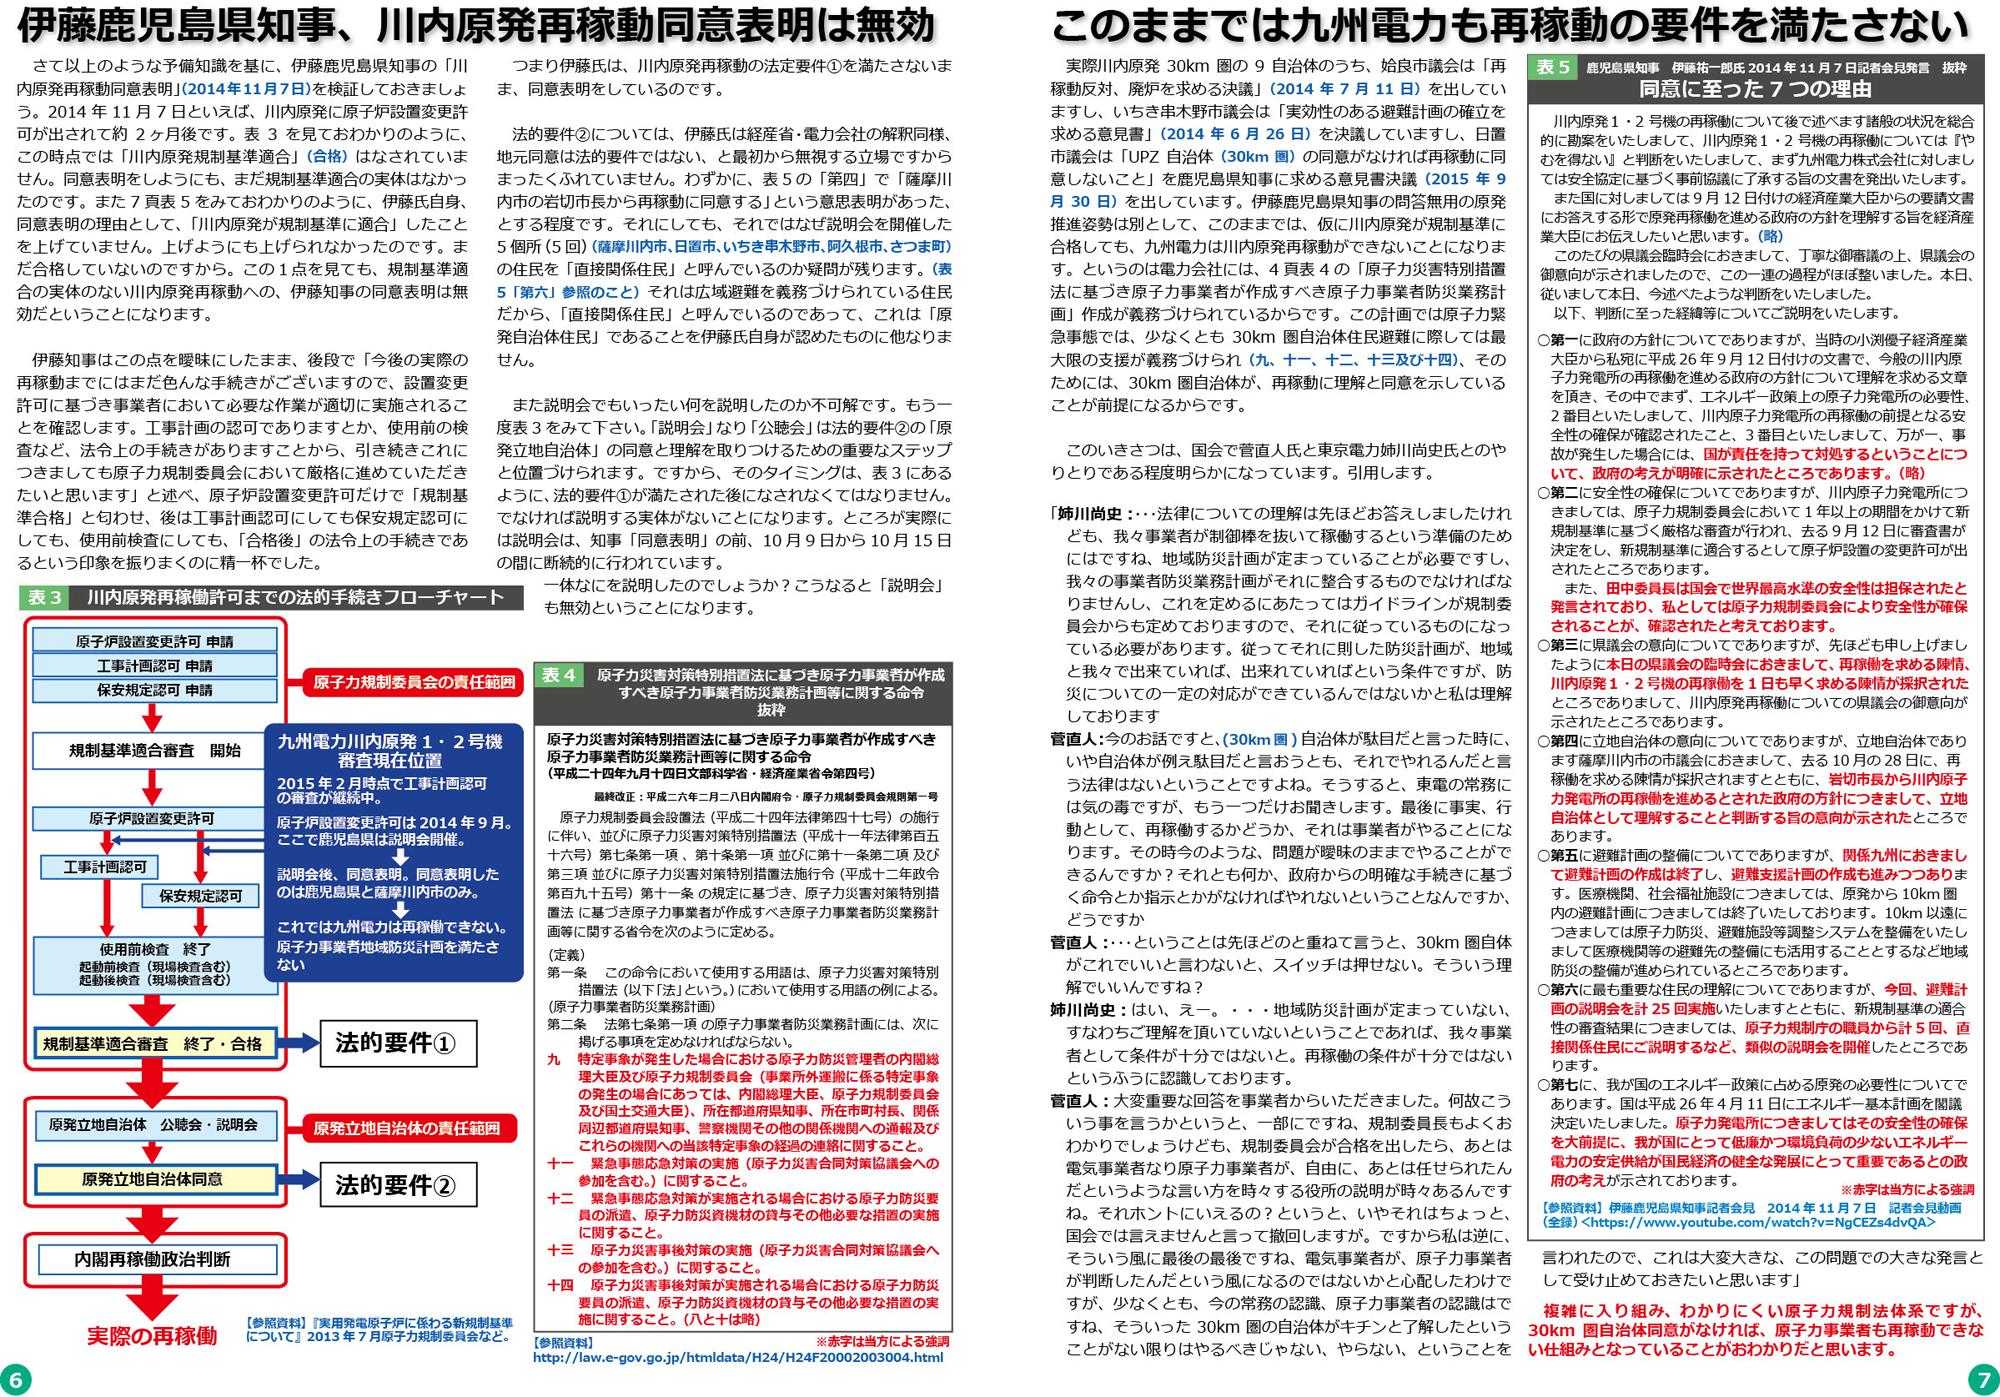 ファイル 390-4.jpg